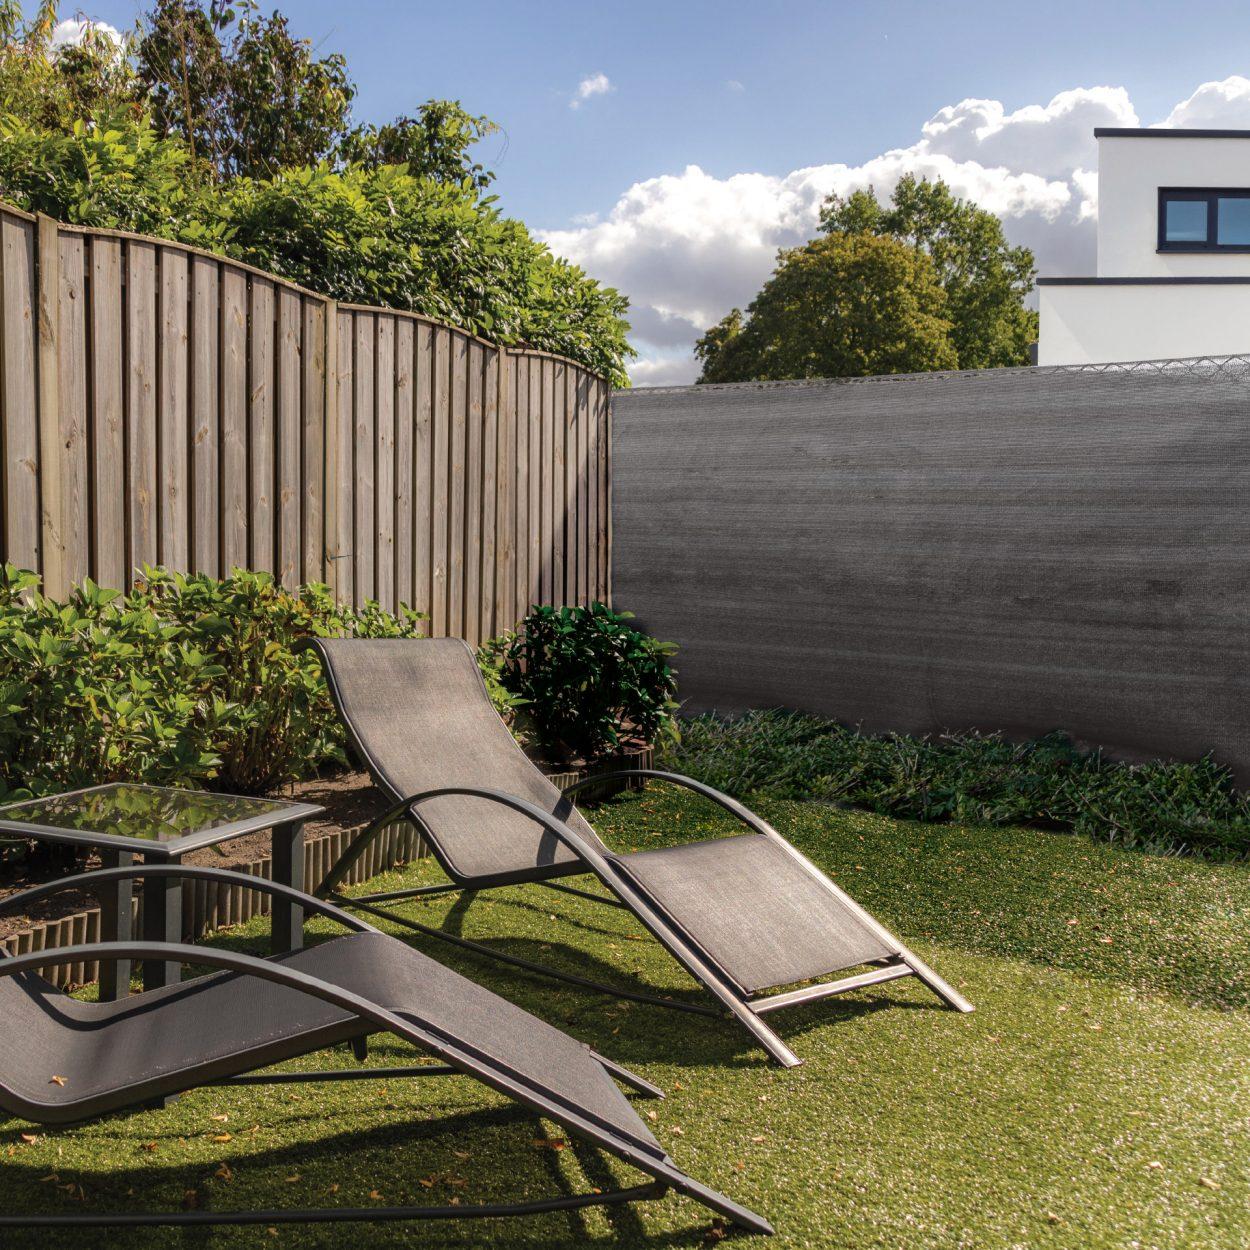 Full Size of Sichtschutz Aldi Gnstig Bei Für Garten Sichtschutzfolie Fenster Wpc Holz Im Einseitig Durchsichtig Wohnzimmer Sichtschutz Aldi